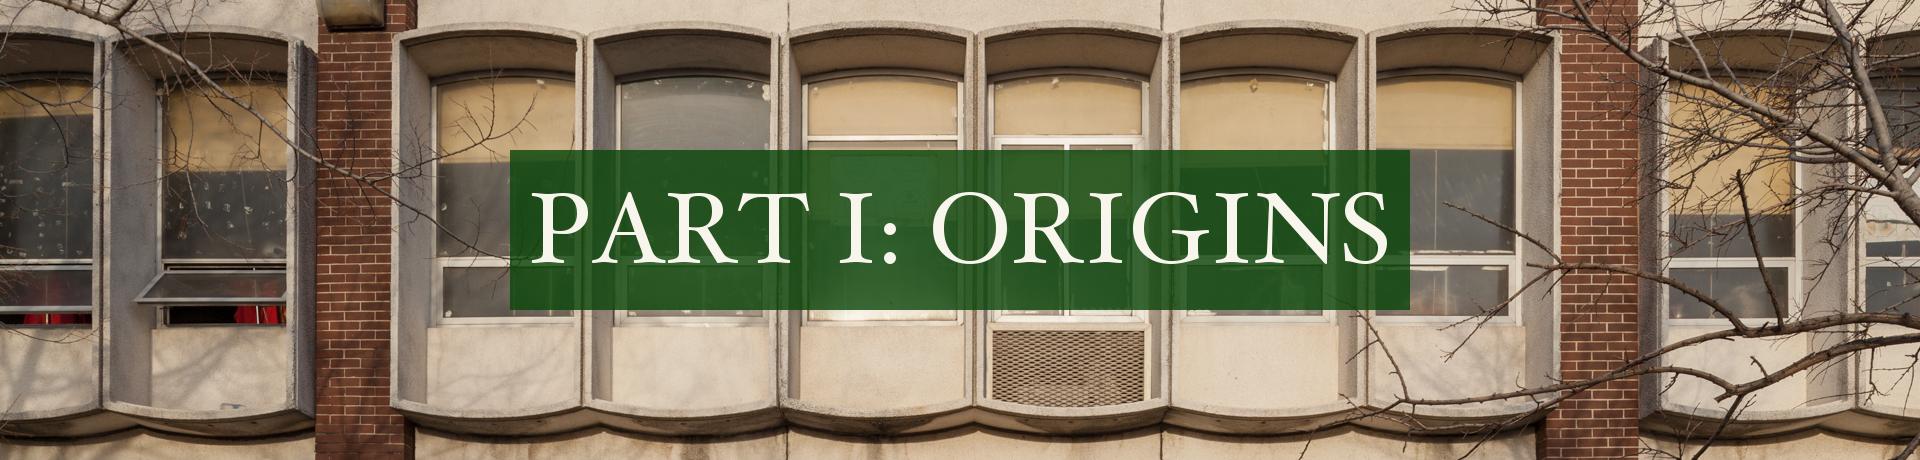 Degrees of Separation: Origins